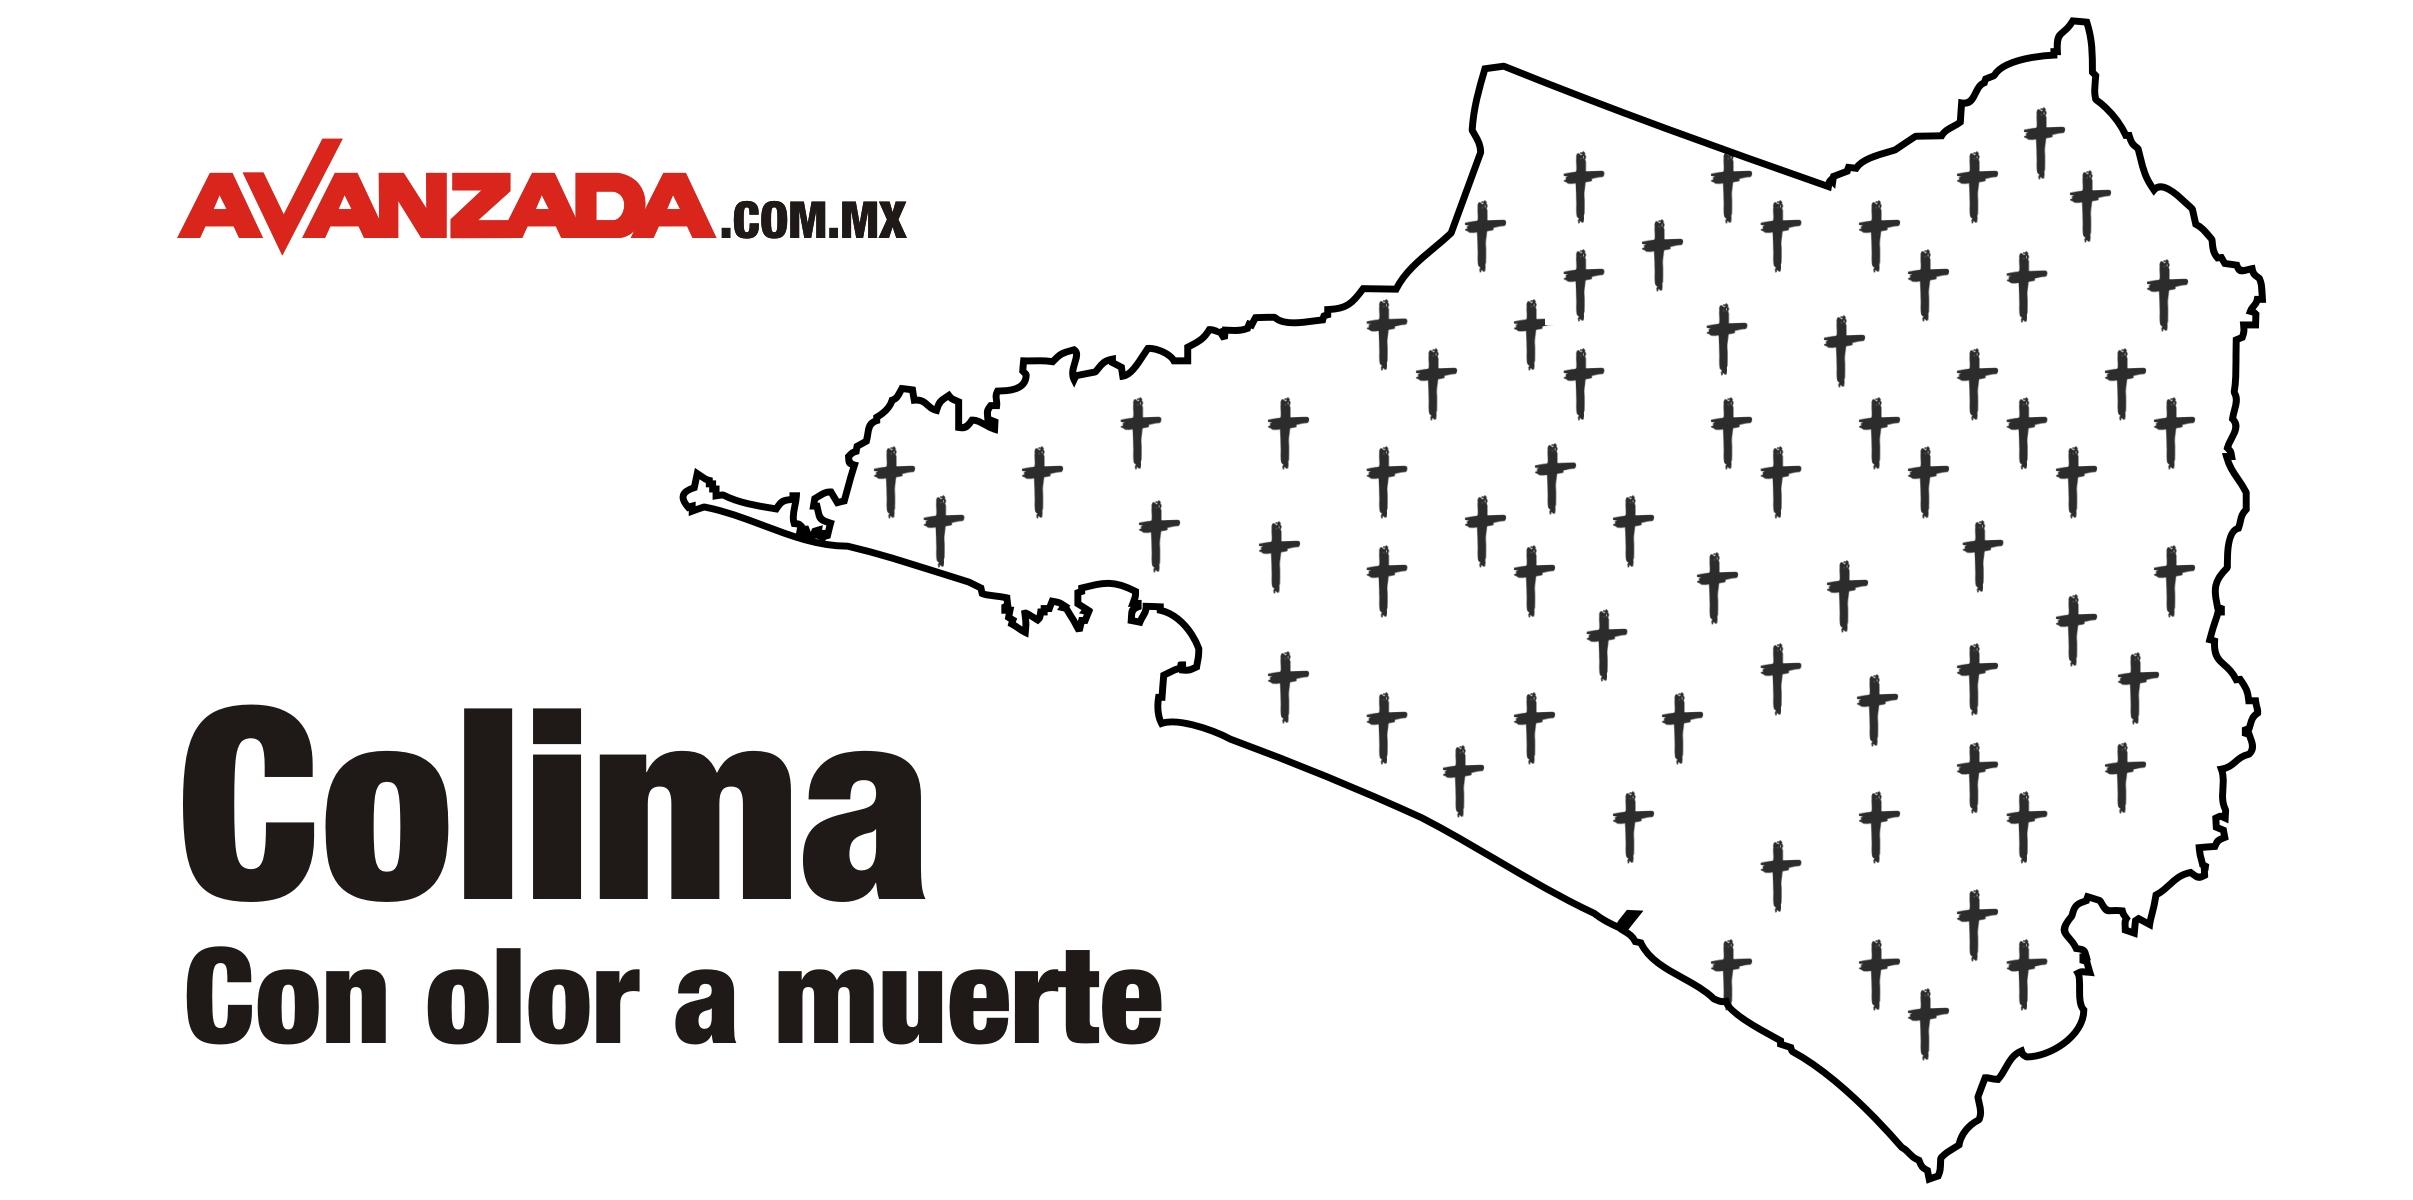 Asesinaron a 69 personas en Colima en el mes de noviembre